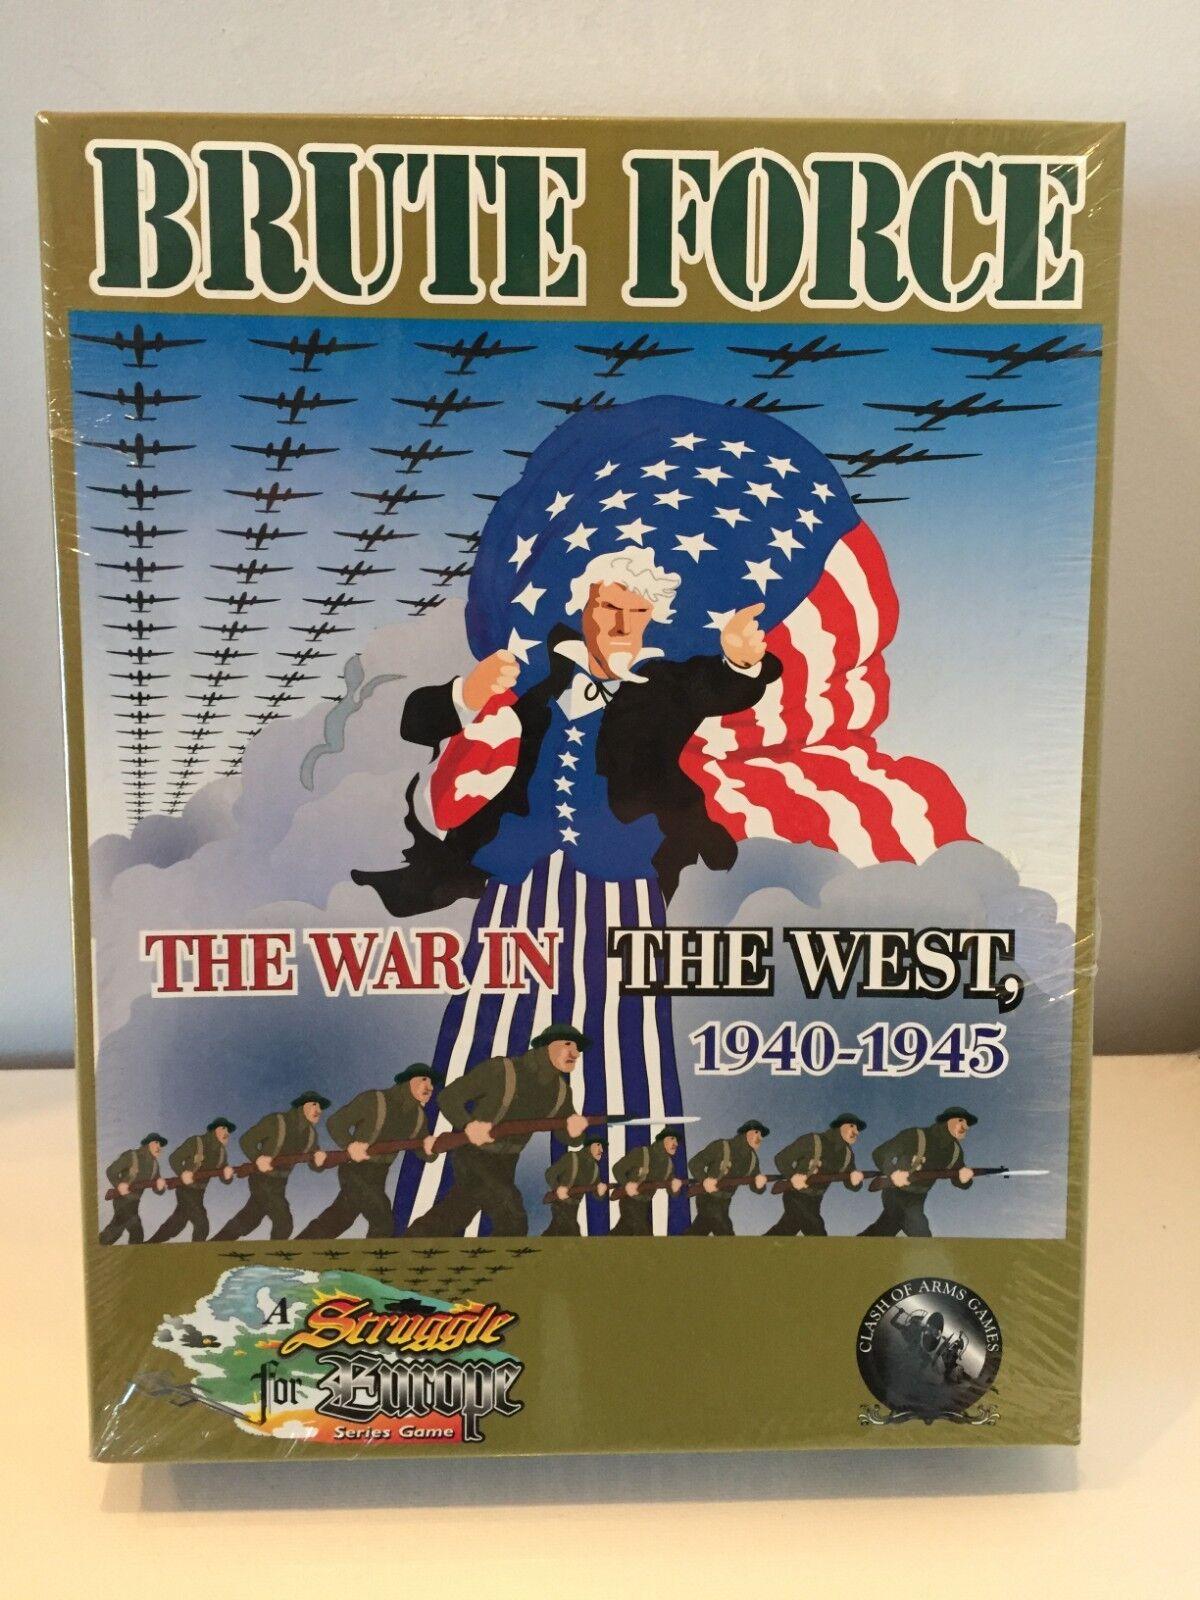 Brutna krafter Kriget i väst, 1940 -1945 e klasserna av vapen, nya förseglade